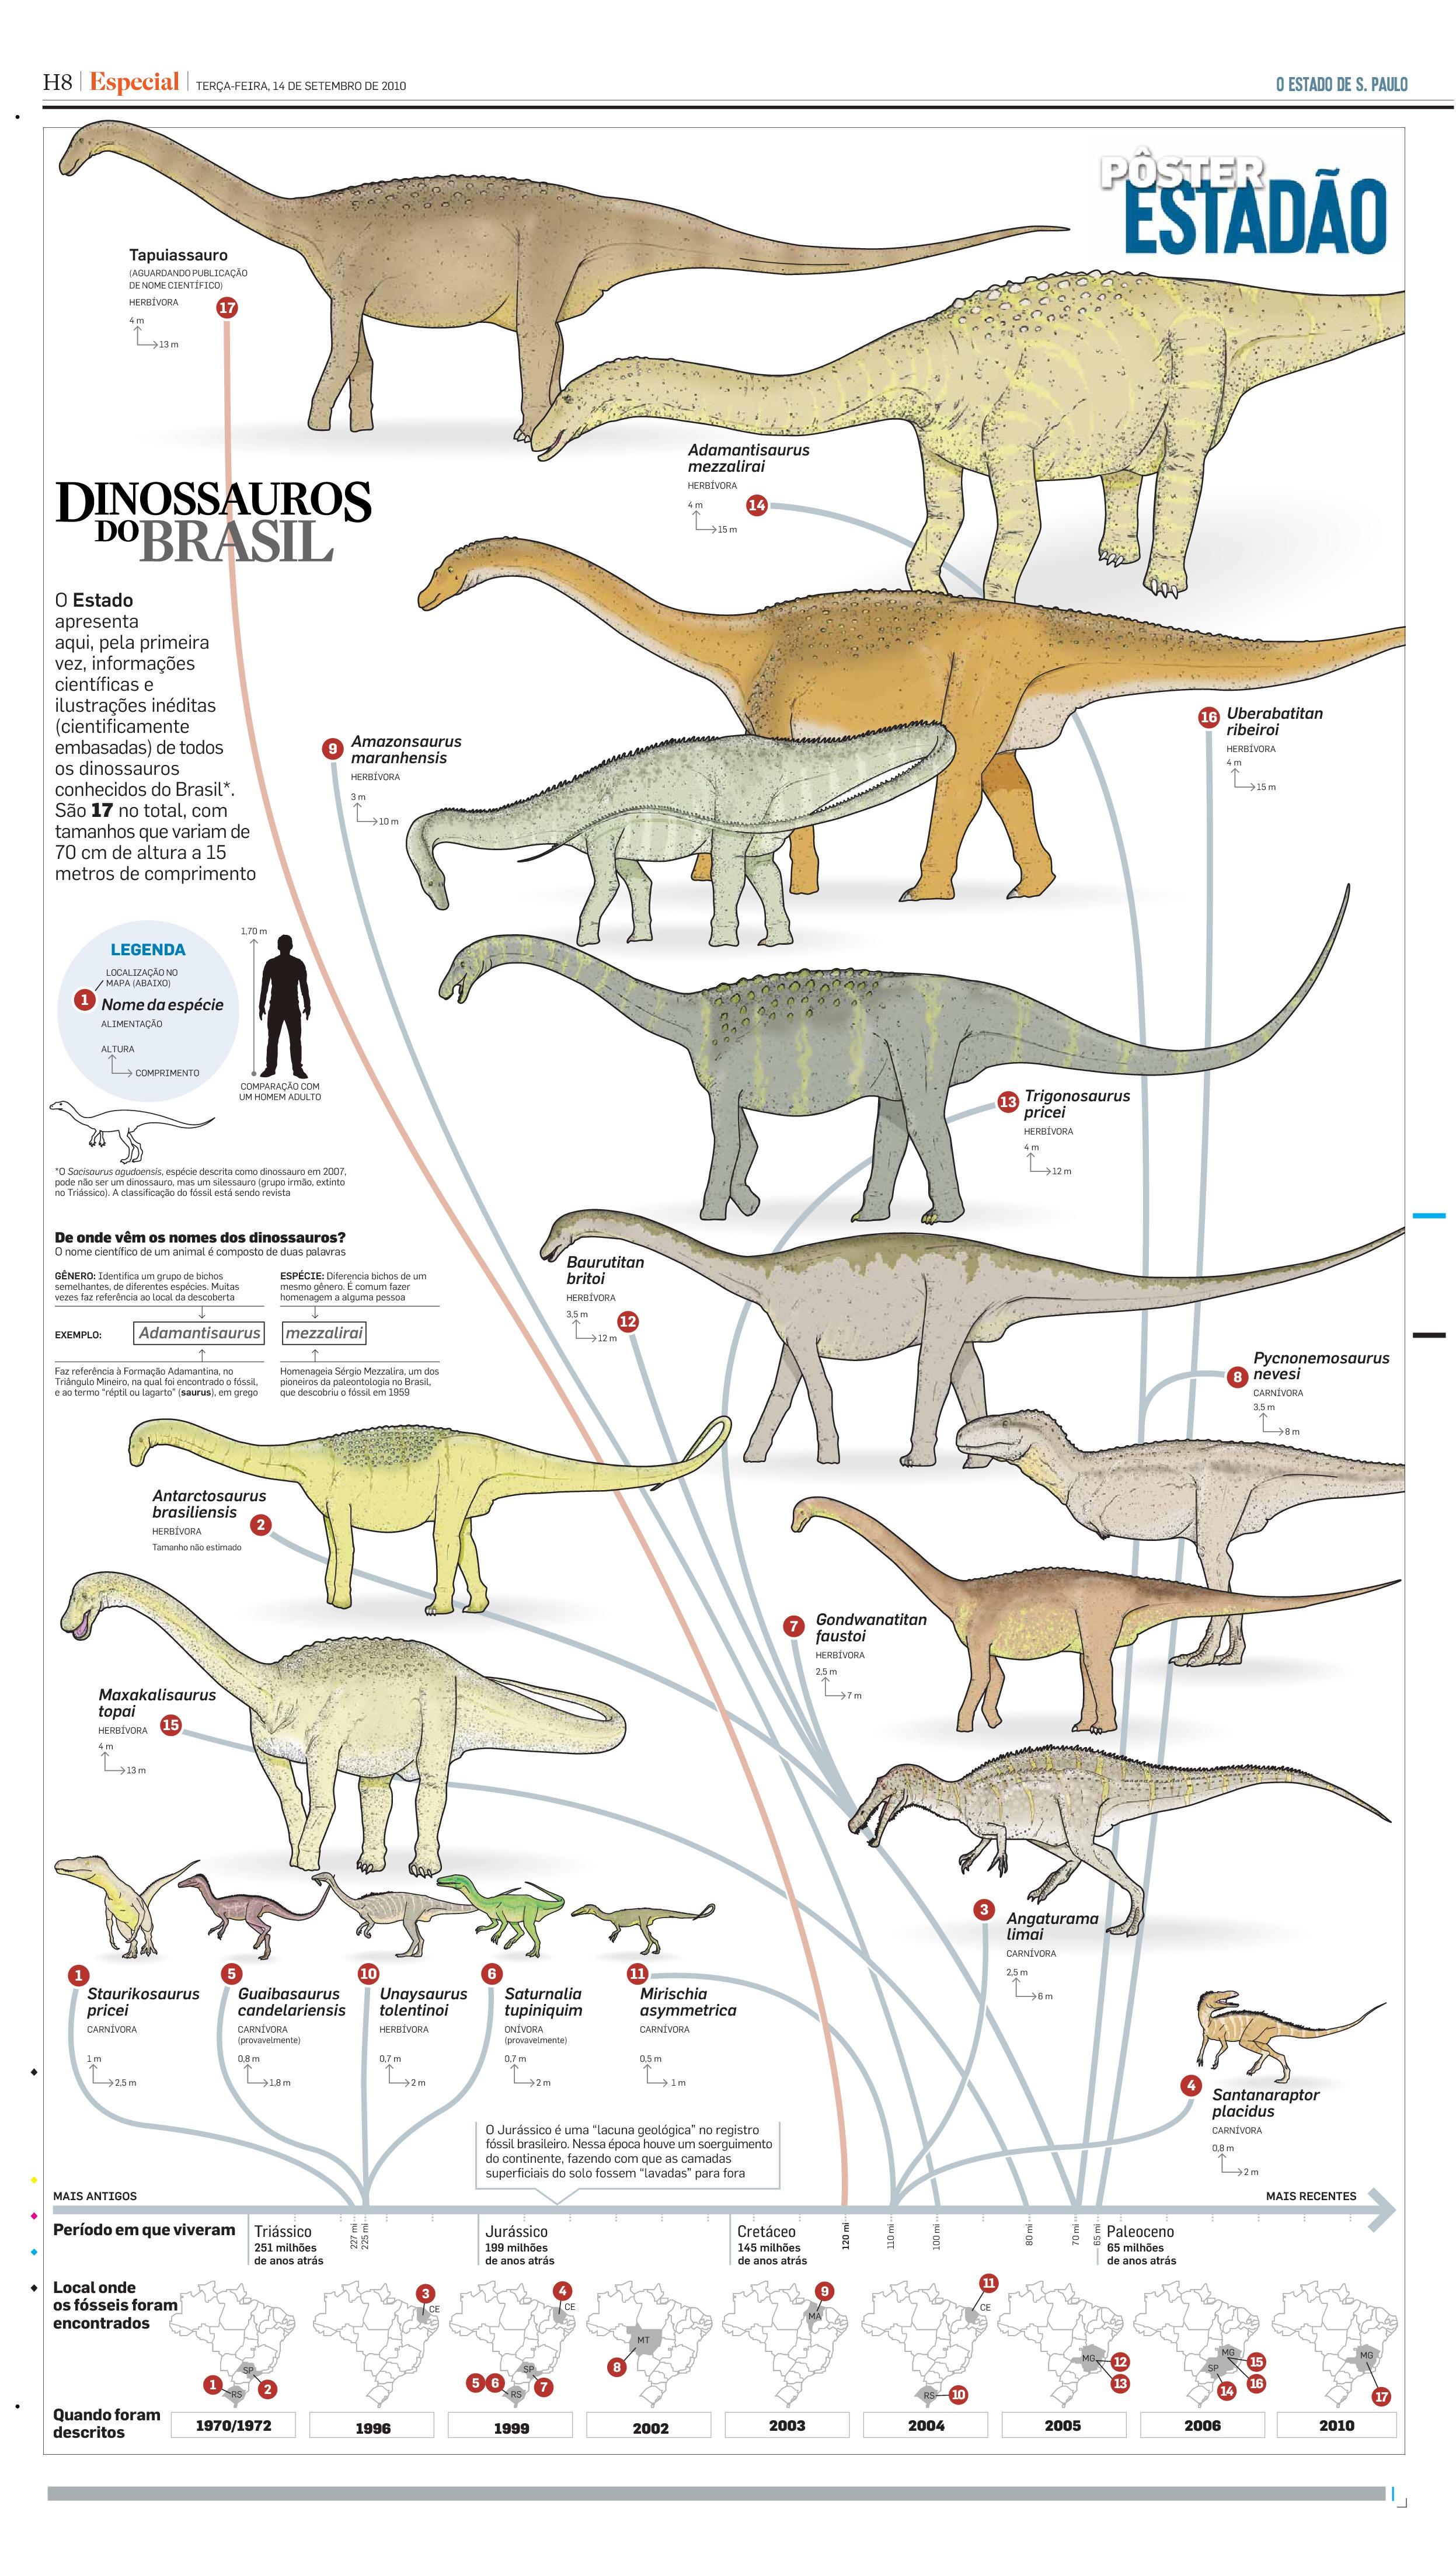 Dinossauros do Brasil - Caderno Especial (pag. 8)